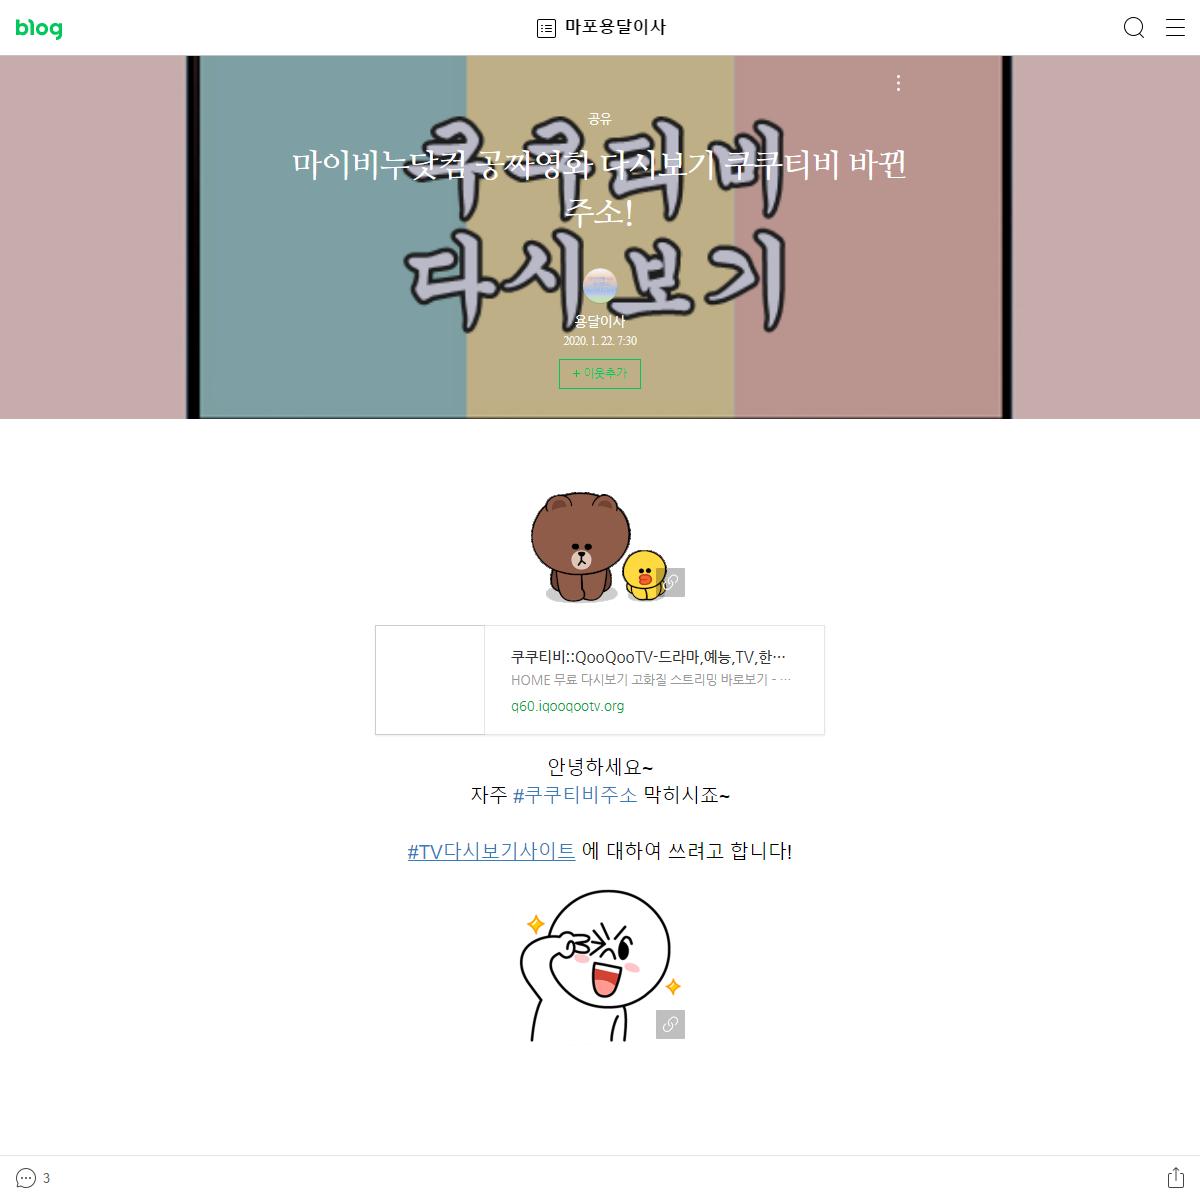 마이비누닷컴 공짜영화 다시보기 쿠쿠티비 바뀐주소! - 네이버 블로그